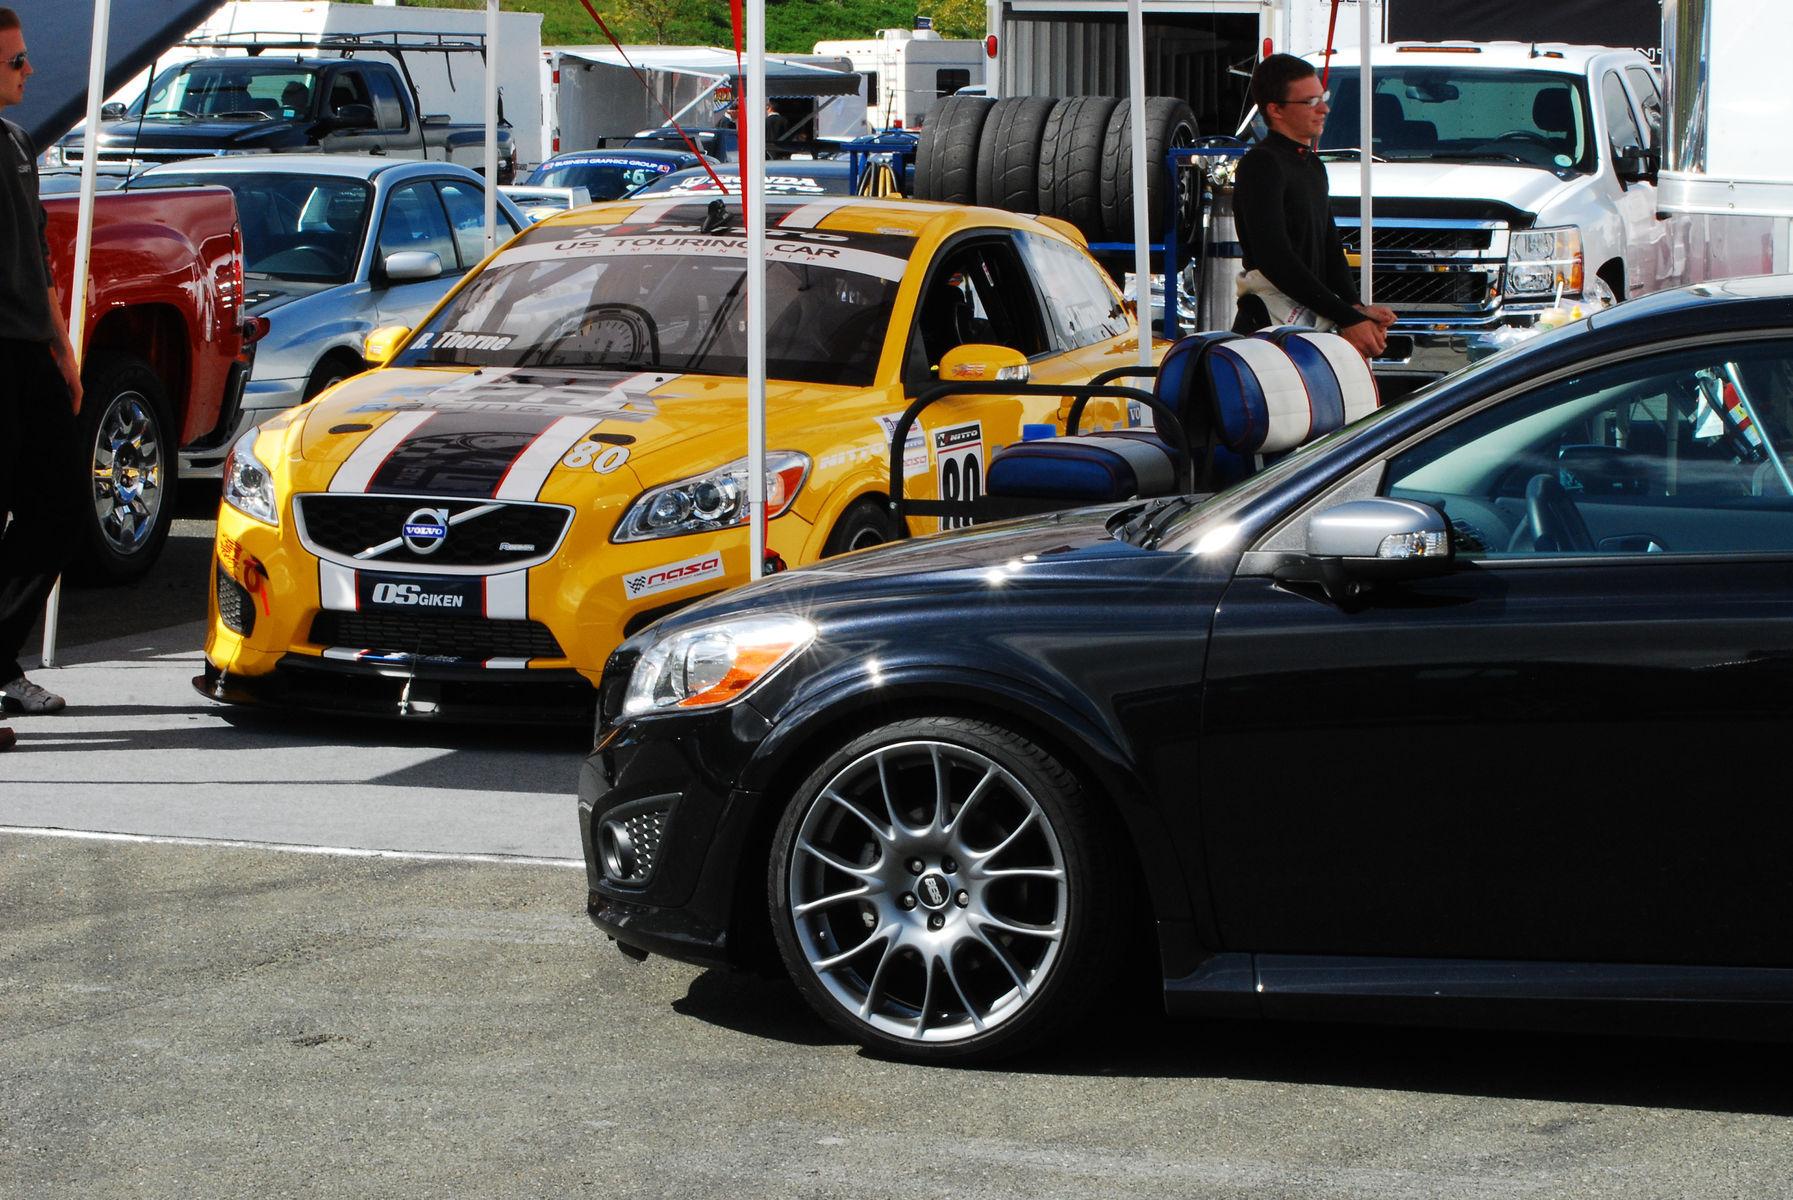 2012 Volvo C30 | k-Pax racings 2012 C30